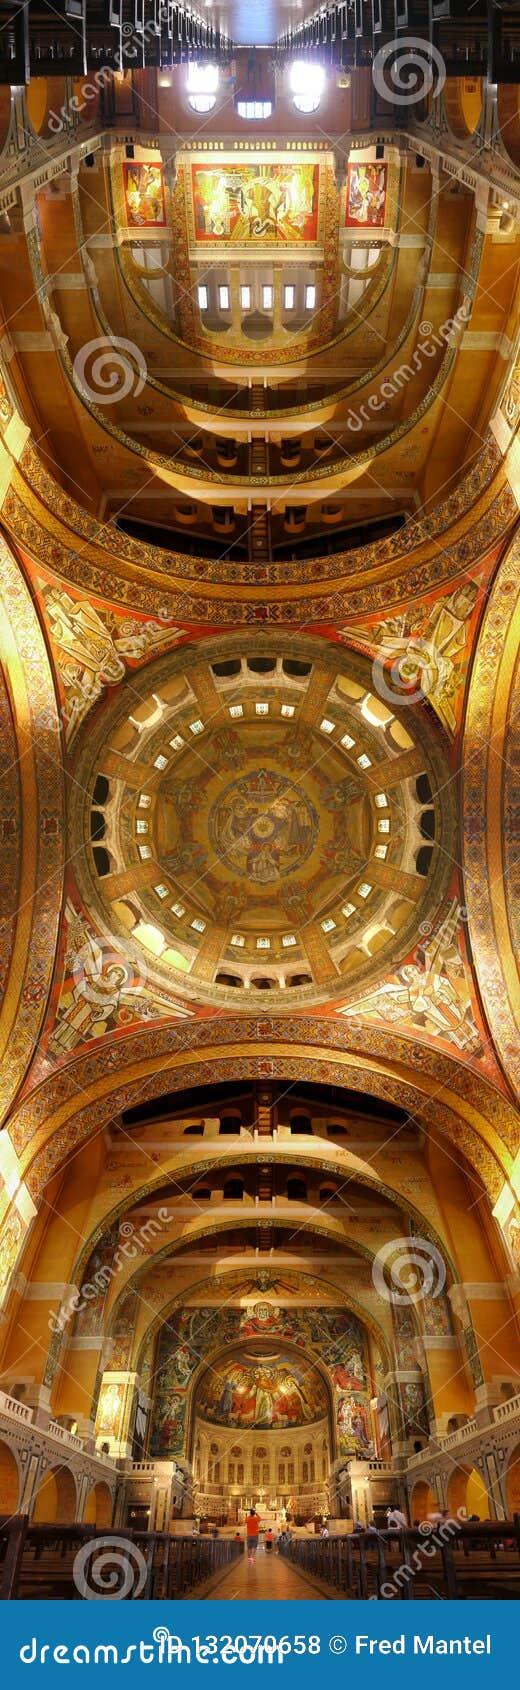 Verticaal panoramabeeld van het binnenplafond van moeder Theresa basilique